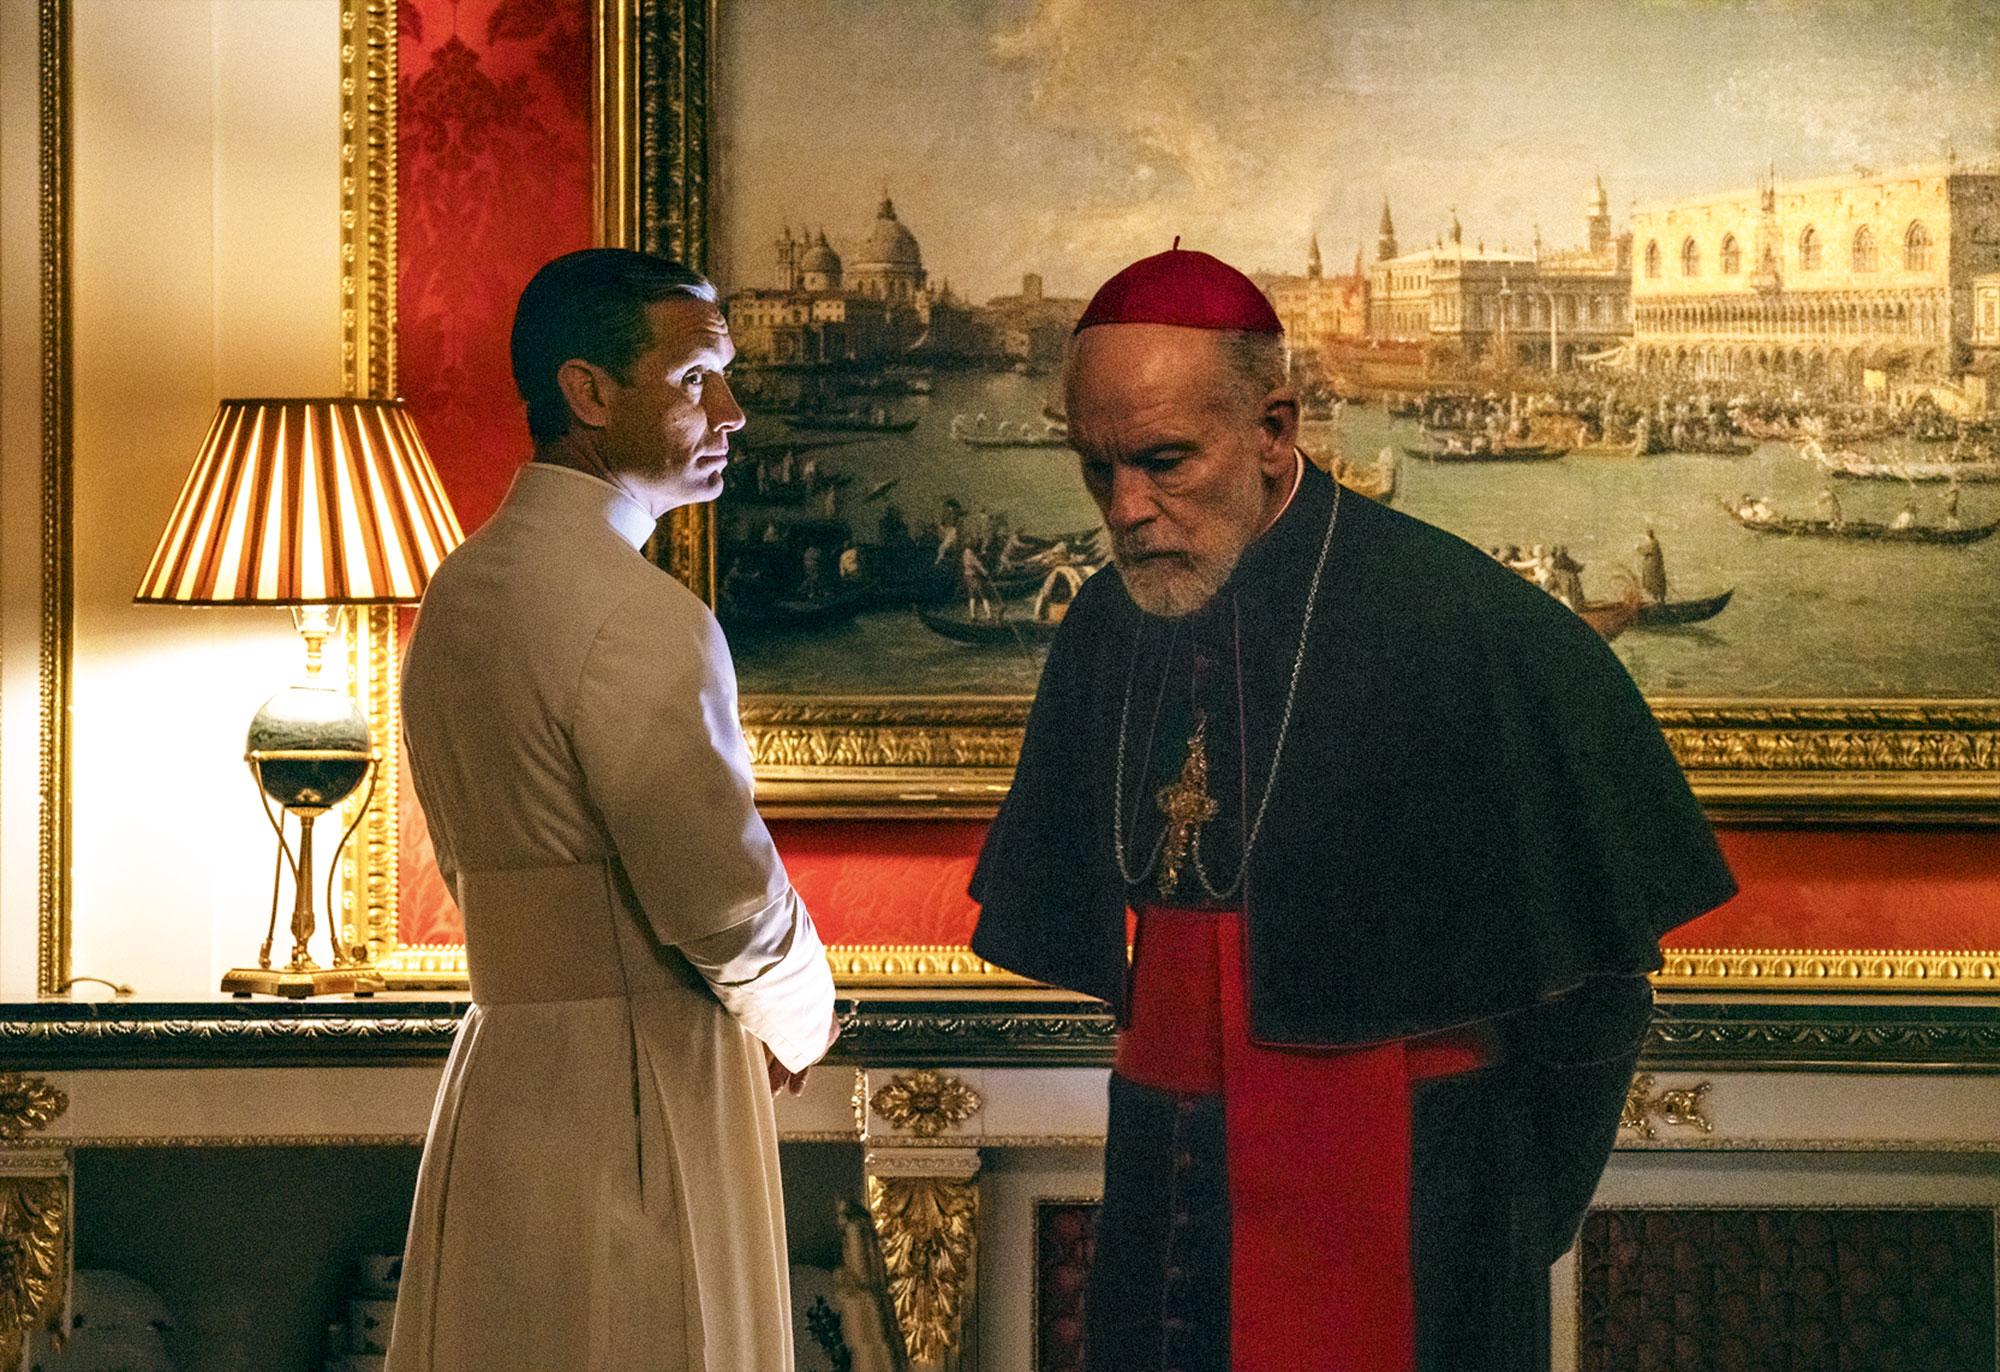 И «Молодой папа», и«Новый папа» — отом, что даже папа может сомневаться